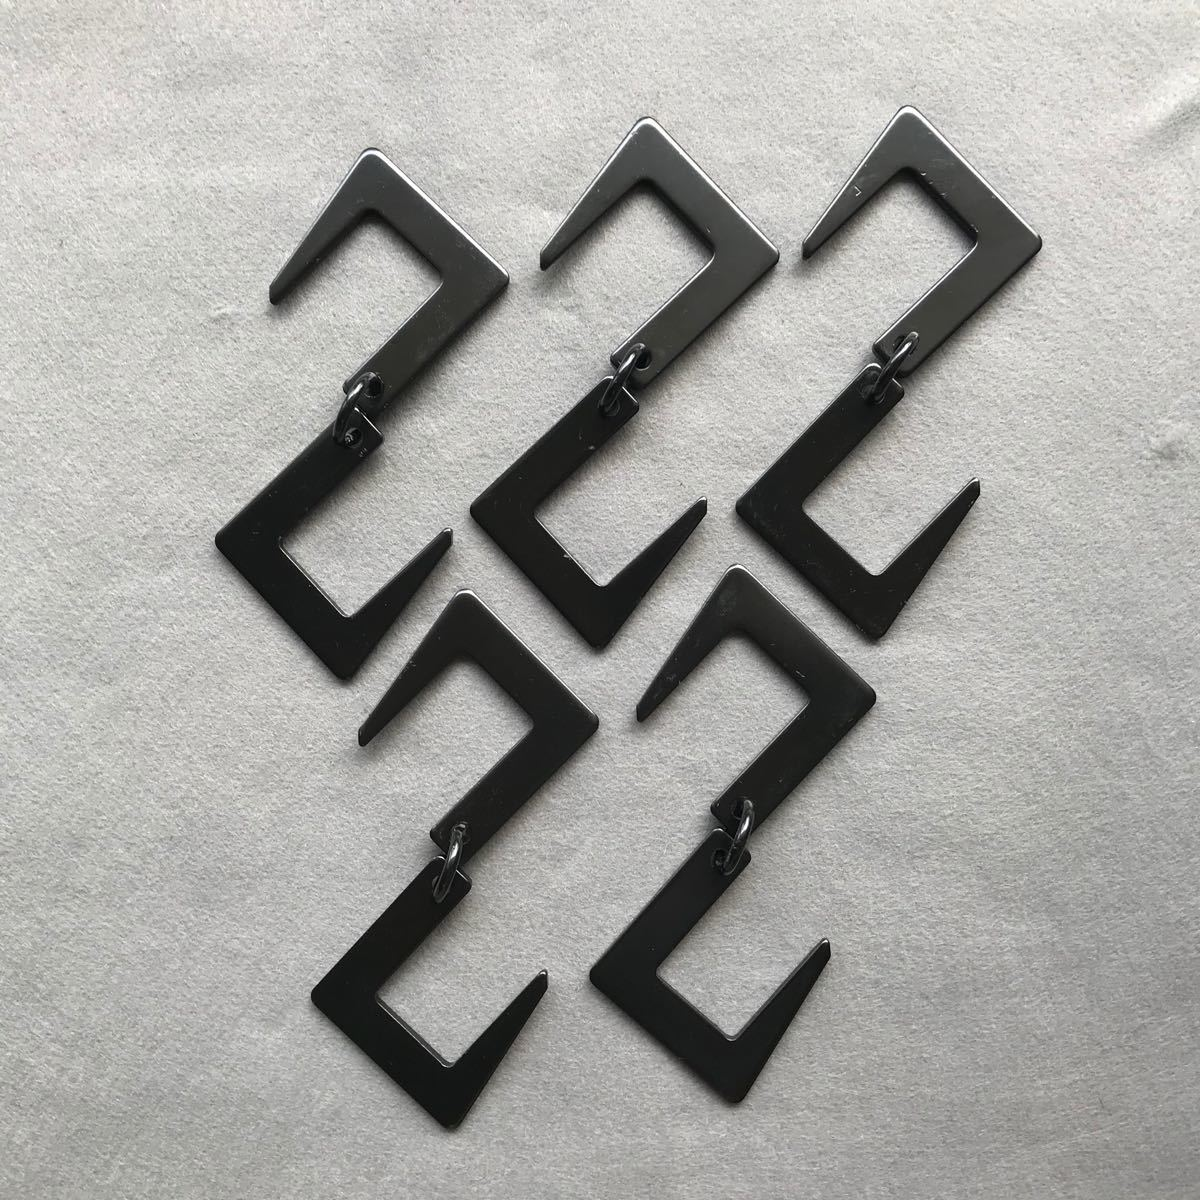 アウトドア アイアンフック S字フック キャンプ 5個セット ブラック ツール 焚き火 焚火 無骨 ランタンハンガー  クッキング